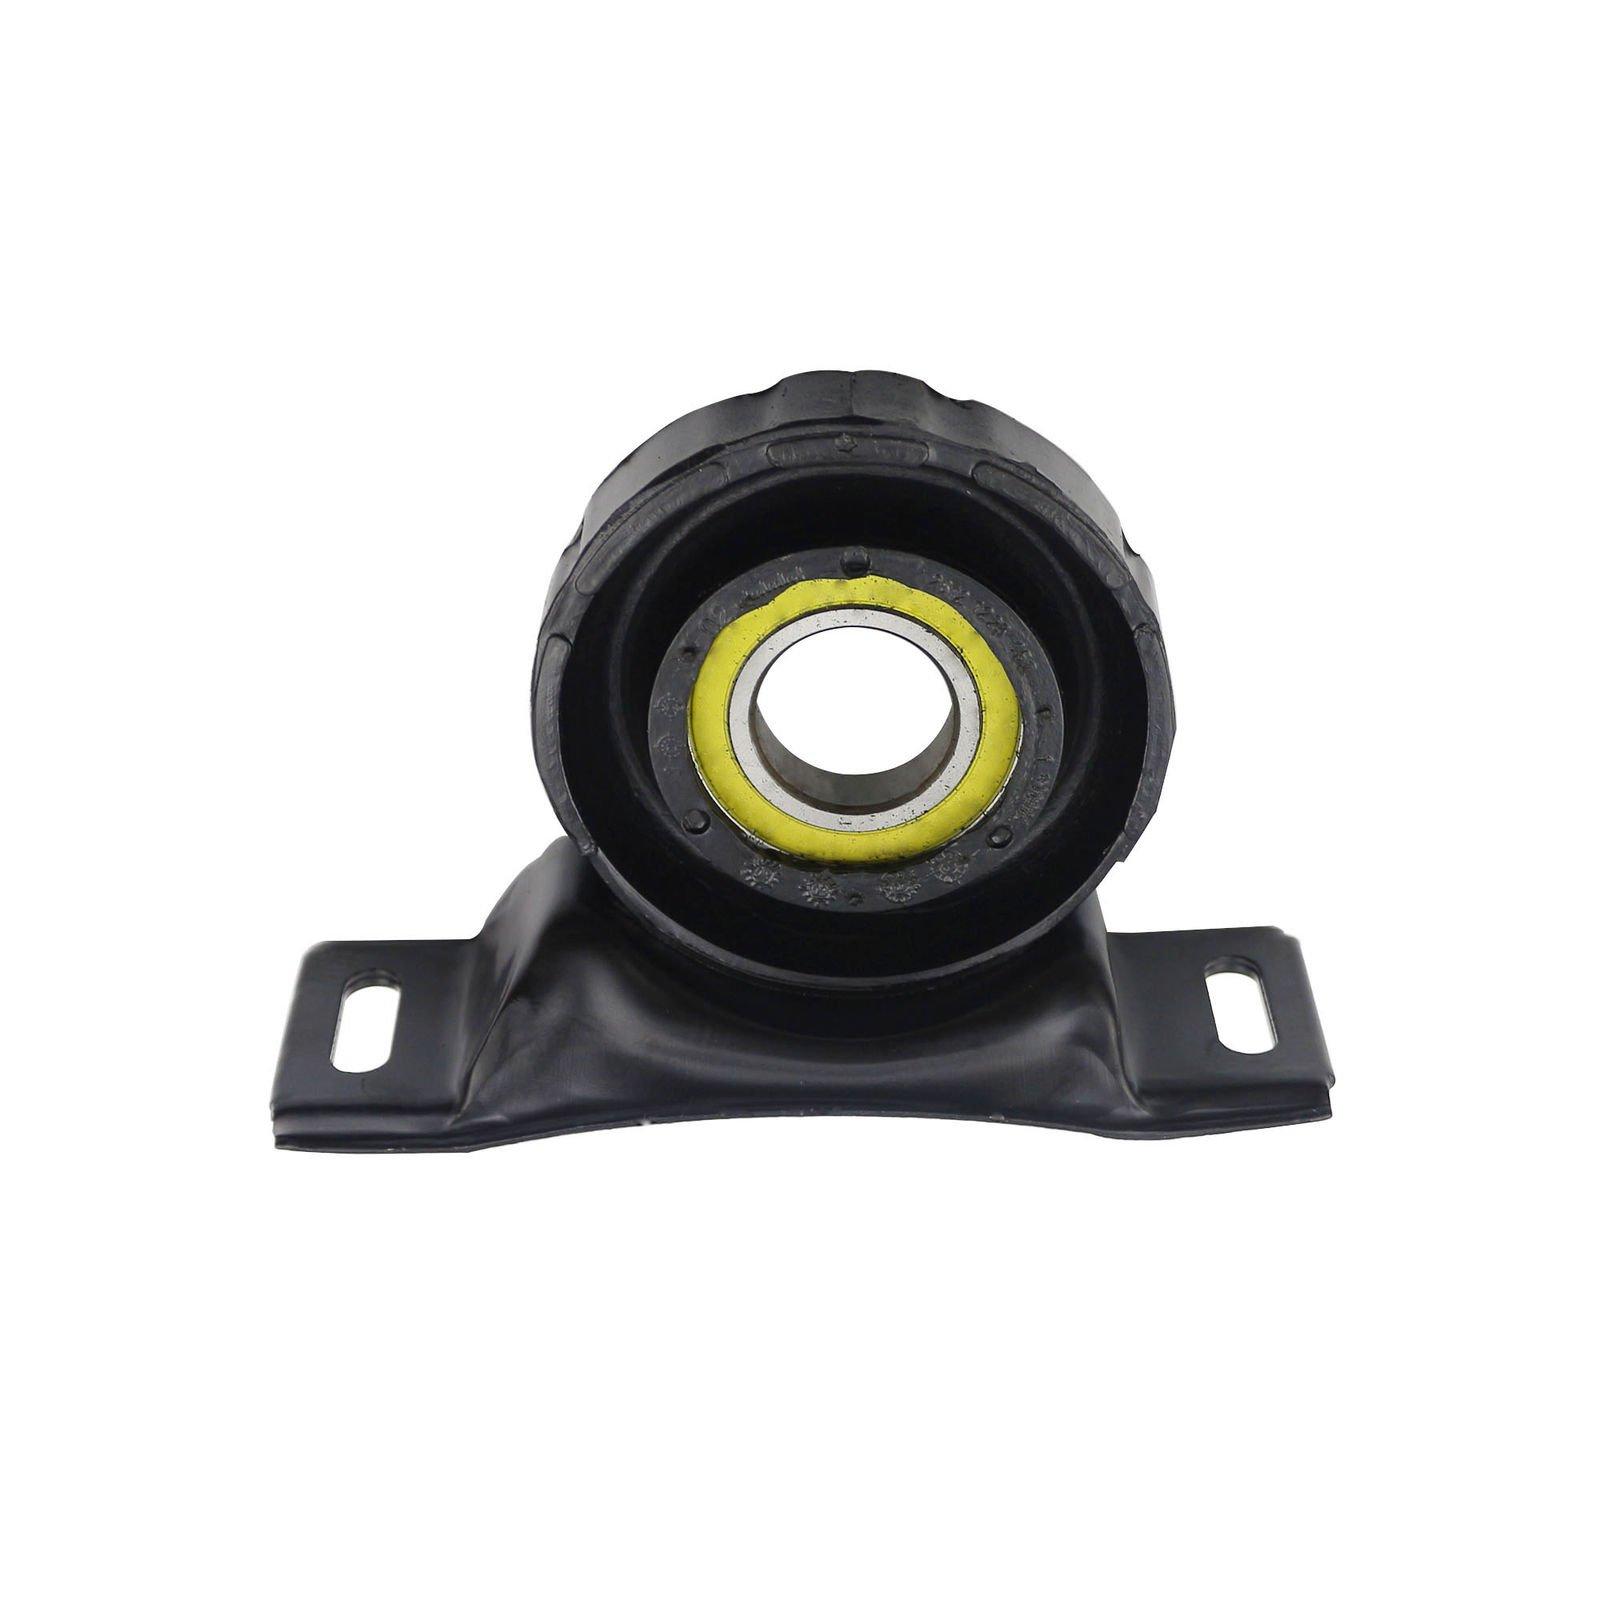 K KARL Drive Shaft Center Support Bearing & Flex Disc Joint Kit AFDDS344-498 by K KARL (Image #2)